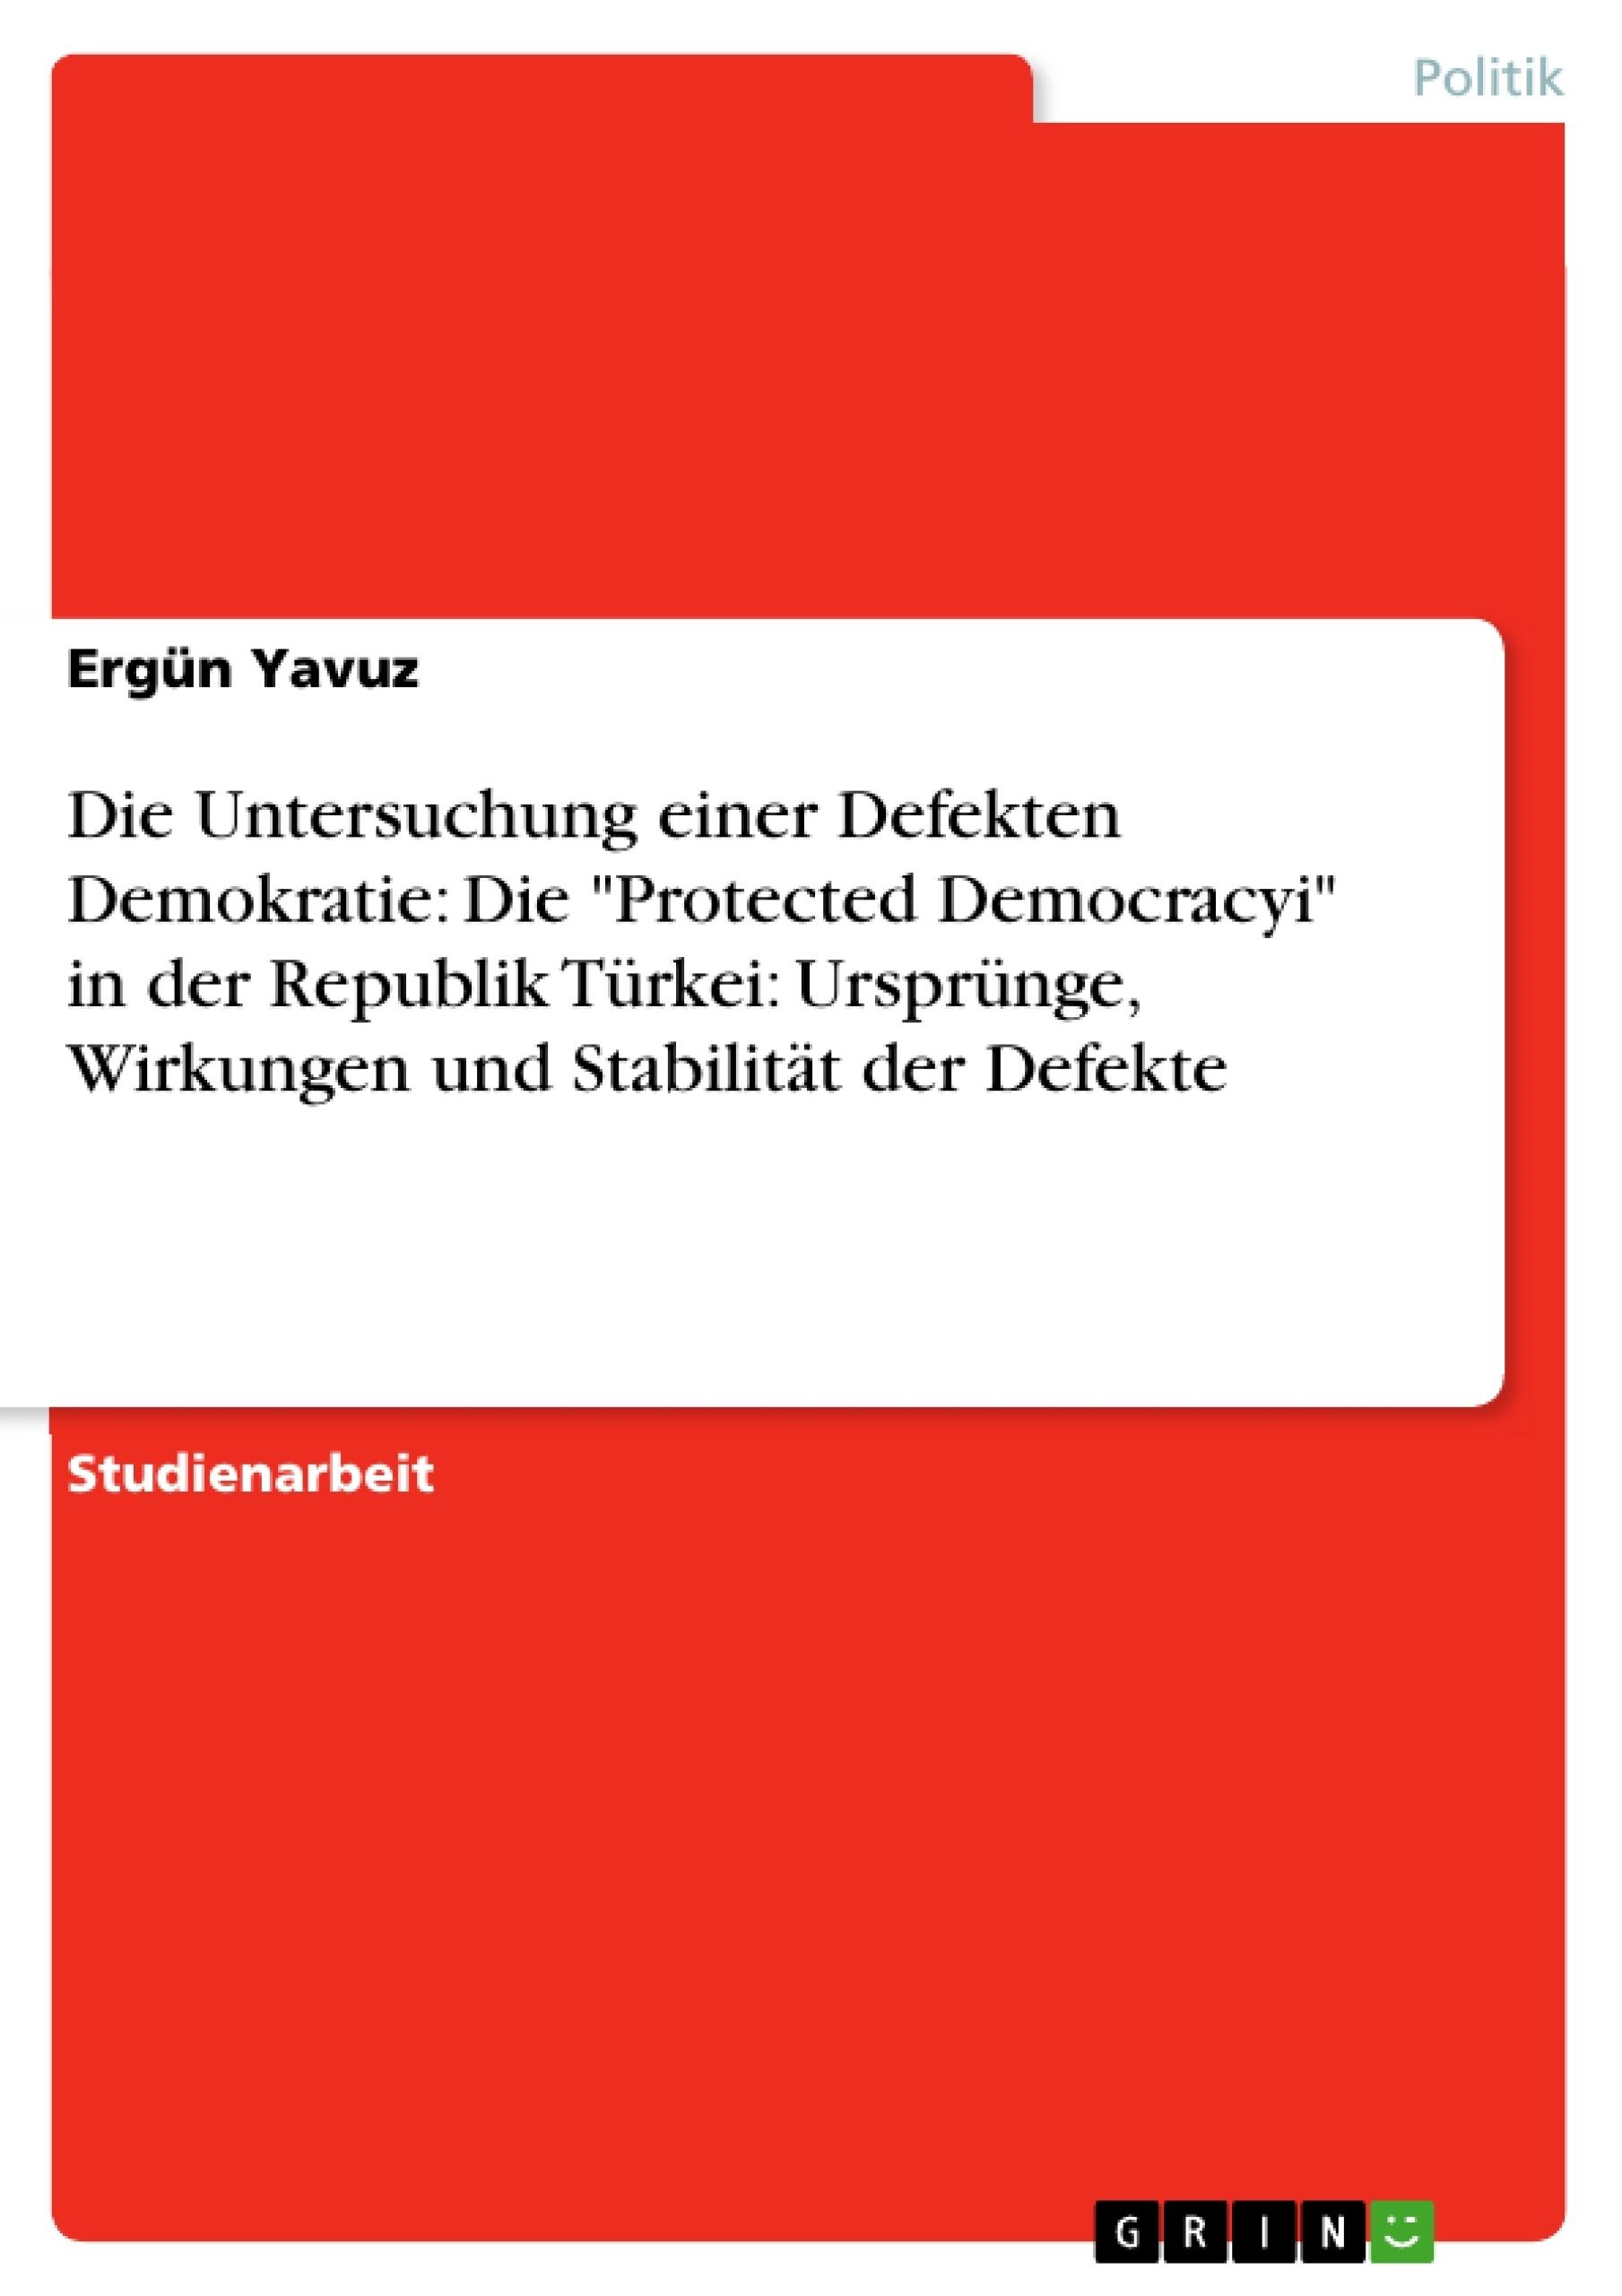 """Titel: Die Untersuchung einer Defekten Demokratie: Die """"Protected Democracyi"""" in der Republik Türkei: Ursprünge, Wirkungen und Stabilität der Defekte"""